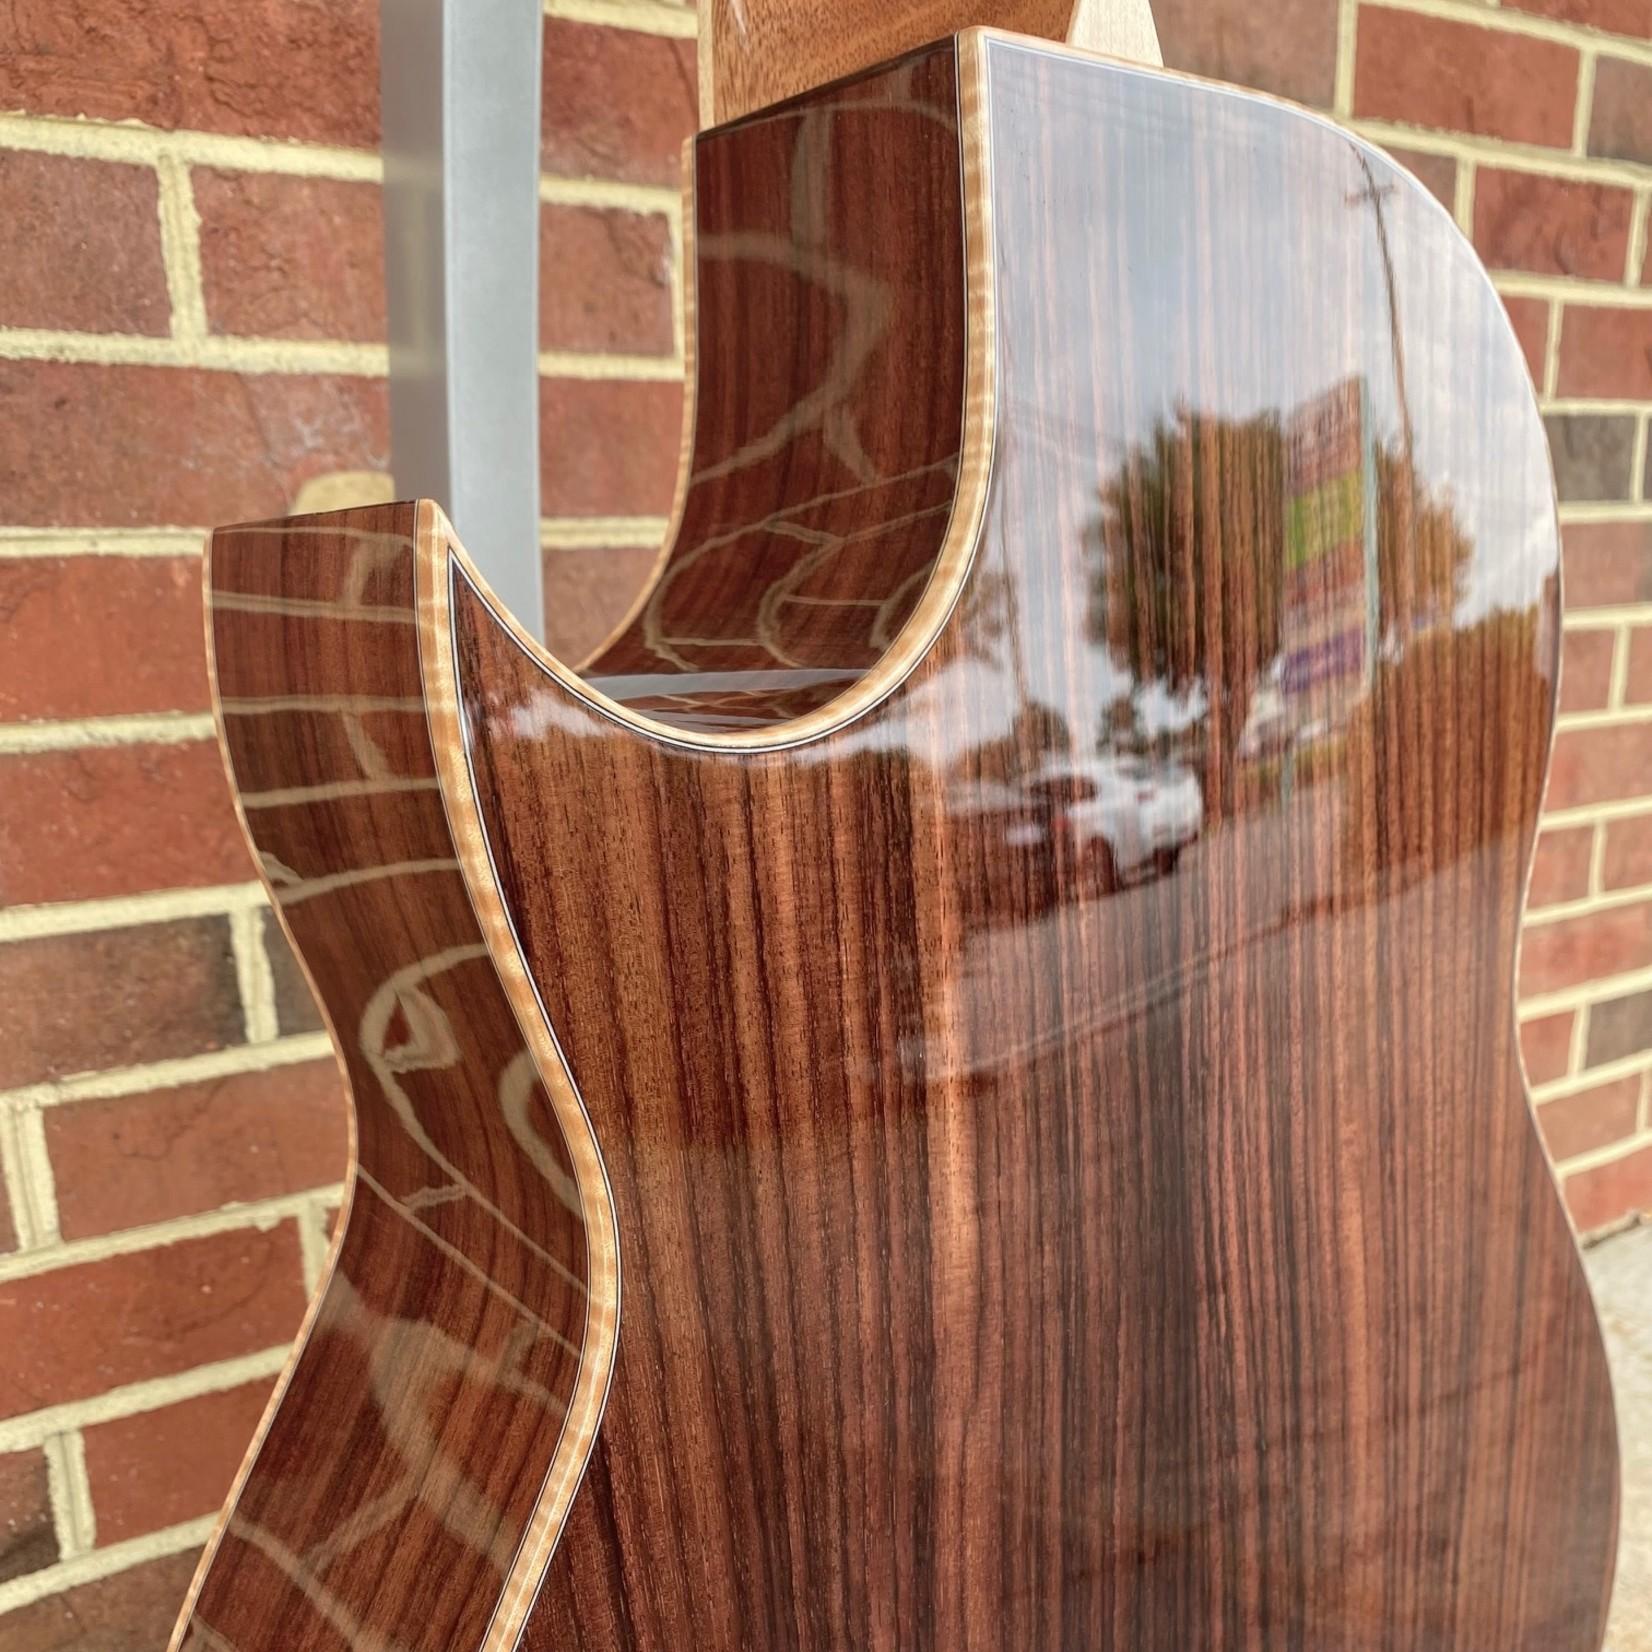 Larrivee Larrivee C-09-RW, Florentine Cutaway, Sitka Spruce Top, Indian Rosewood Back & Sides, Ebony Bridge & Fretboard, Flame Maple Binding, Bone Nut & Saddle, Hardshell Case